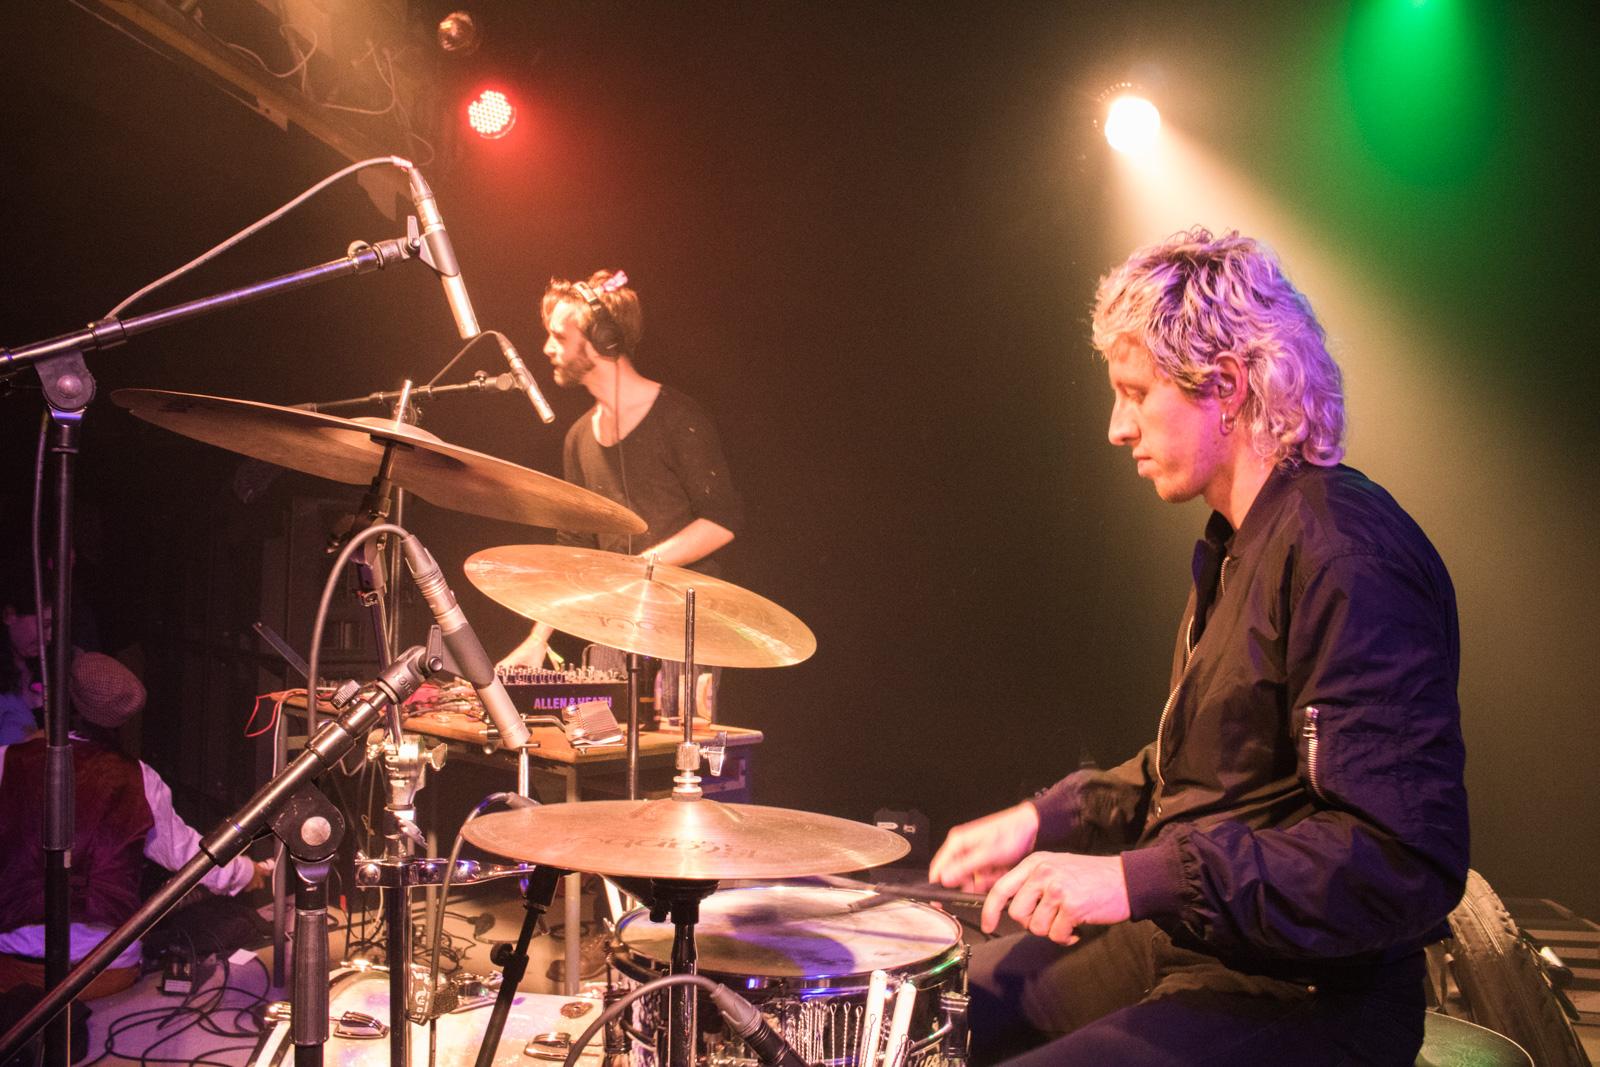 Mojoy - Live at Hedo 2017